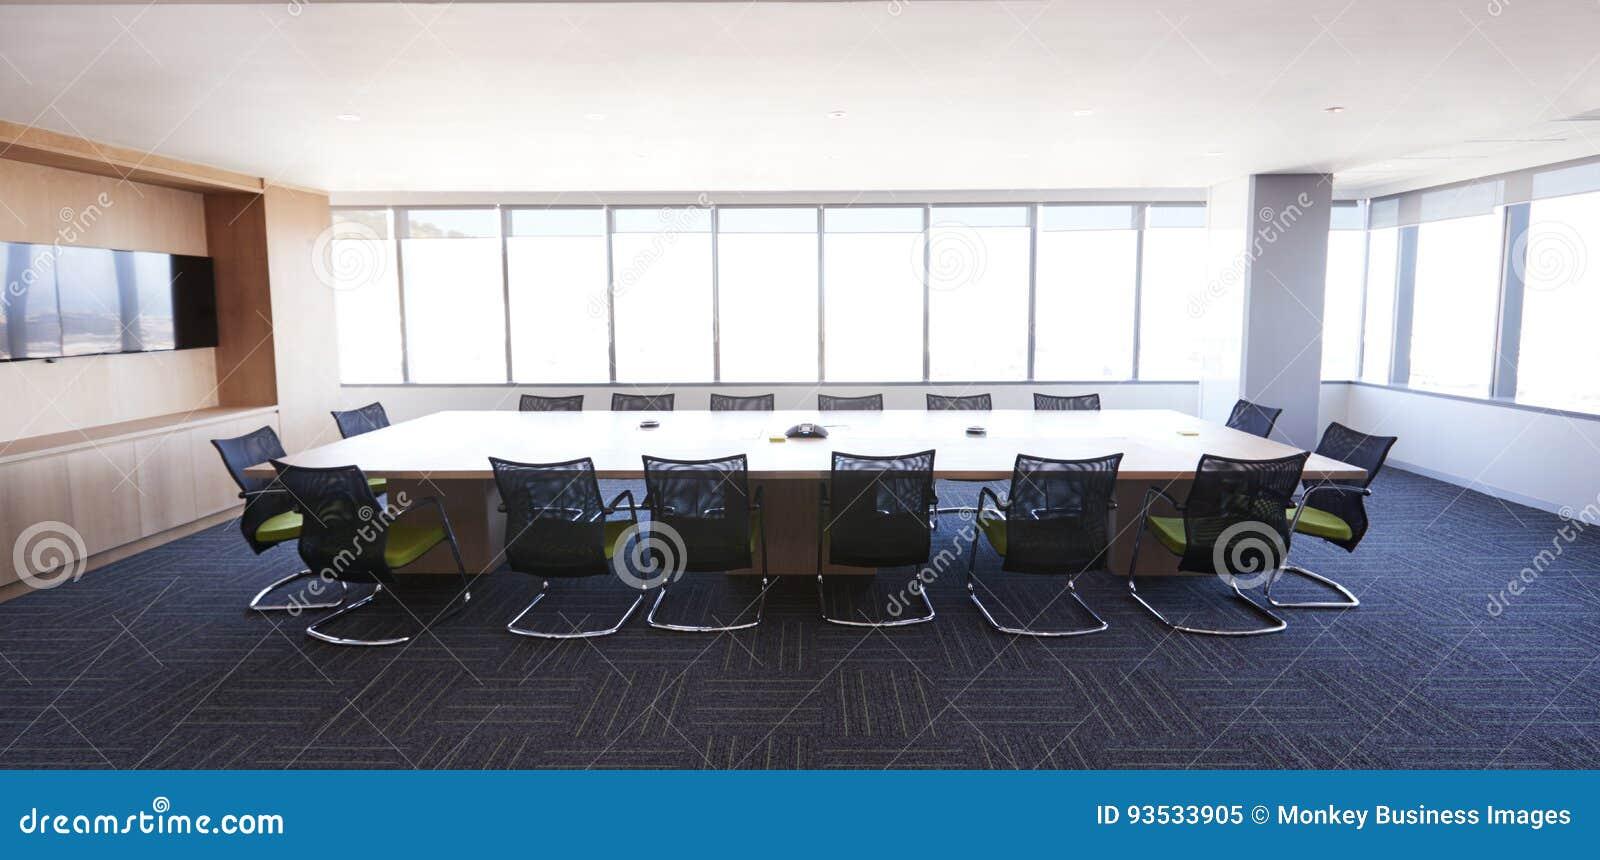 Sitzungssaal Des Modernen Buros Ohne Leute Stockbild Bild Von